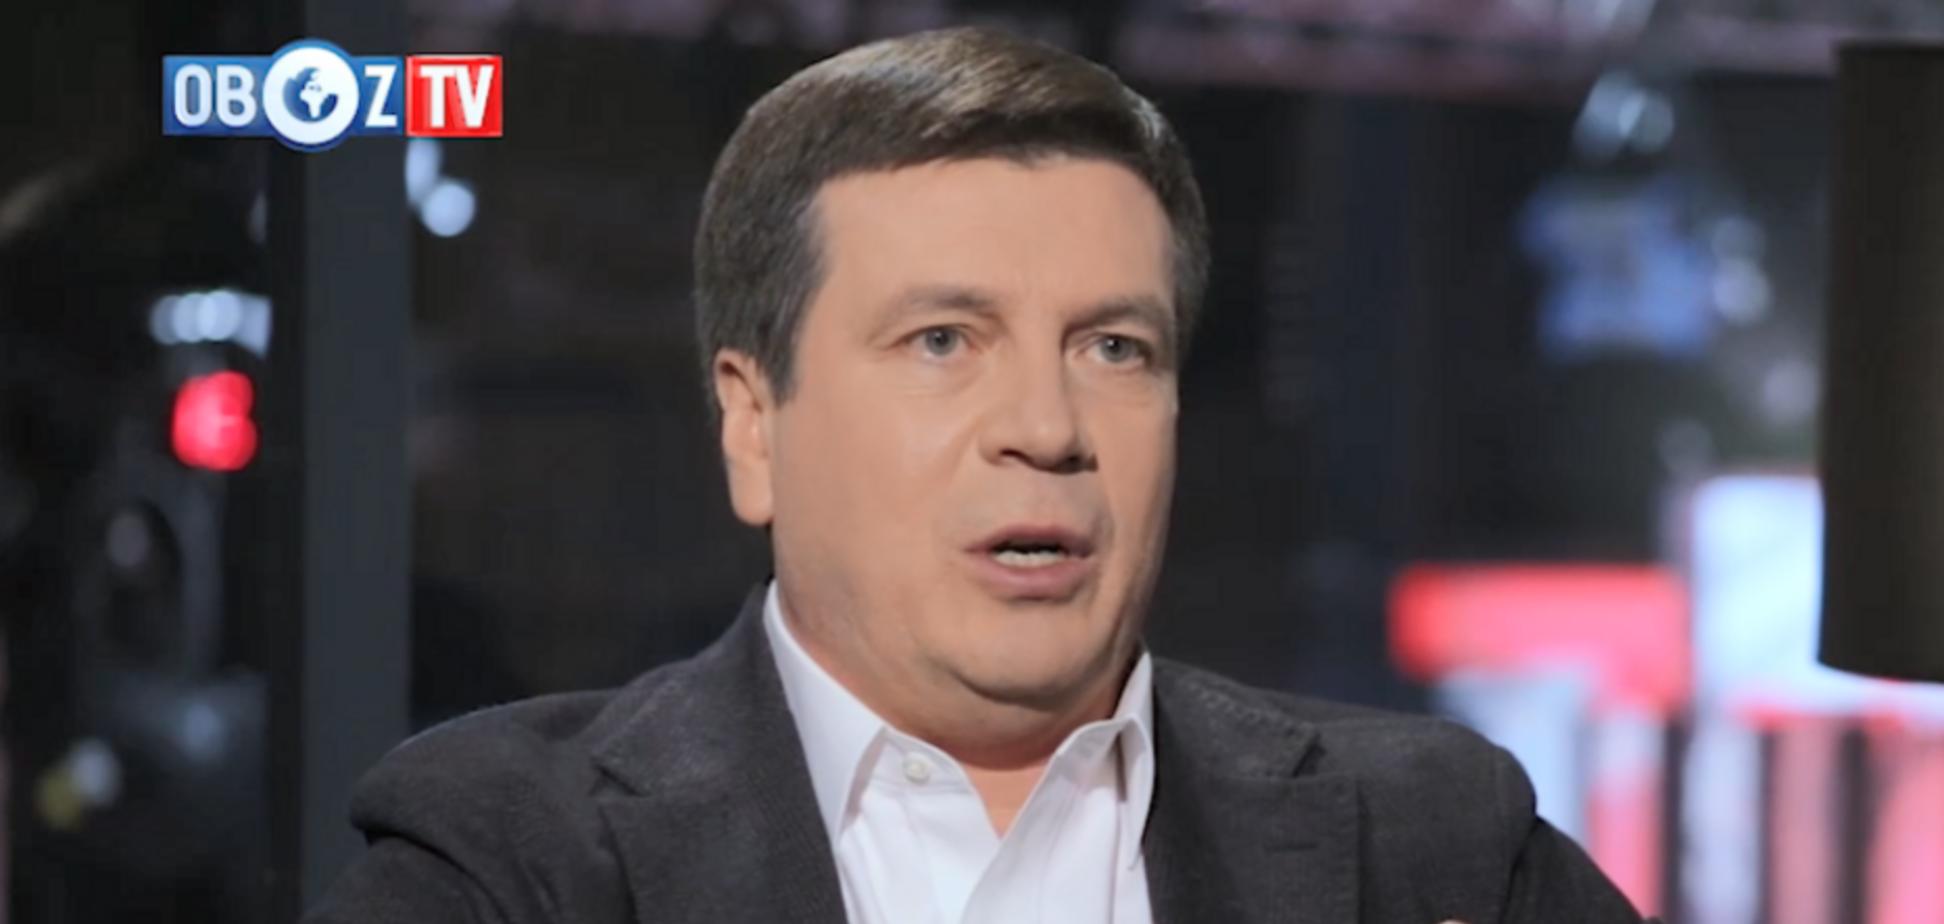 'Движемся в Евросоюз': зарплаты чиновников в Украине сравнили с Польшей